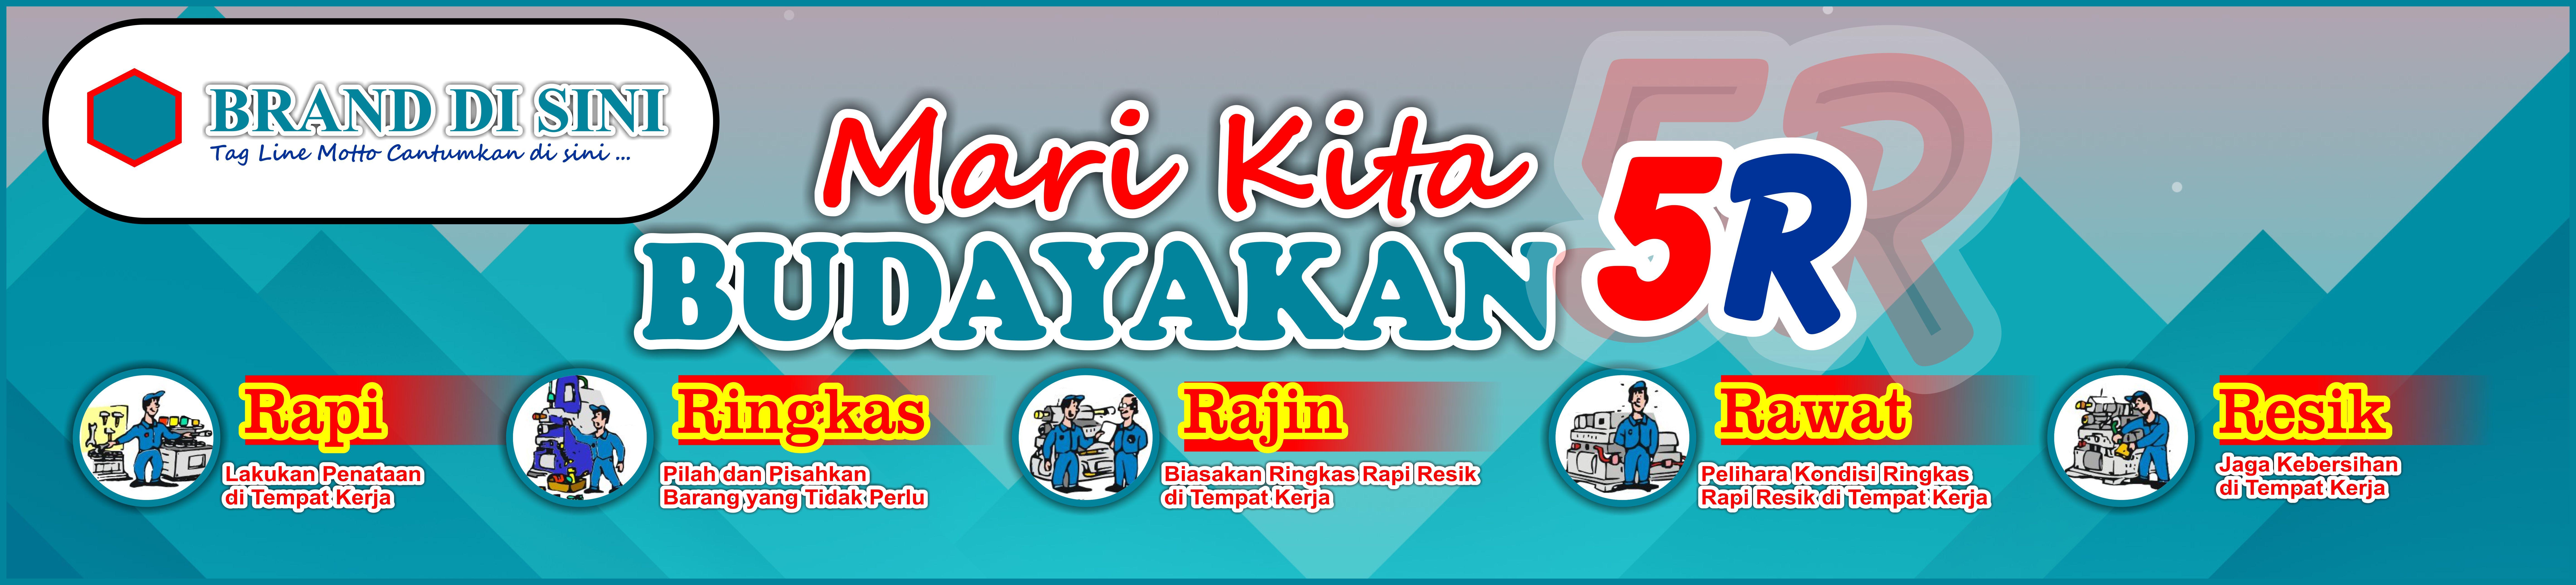 35+ Latest Contoh Spanduk K3 Perusahaan - Sewin Get Cetera